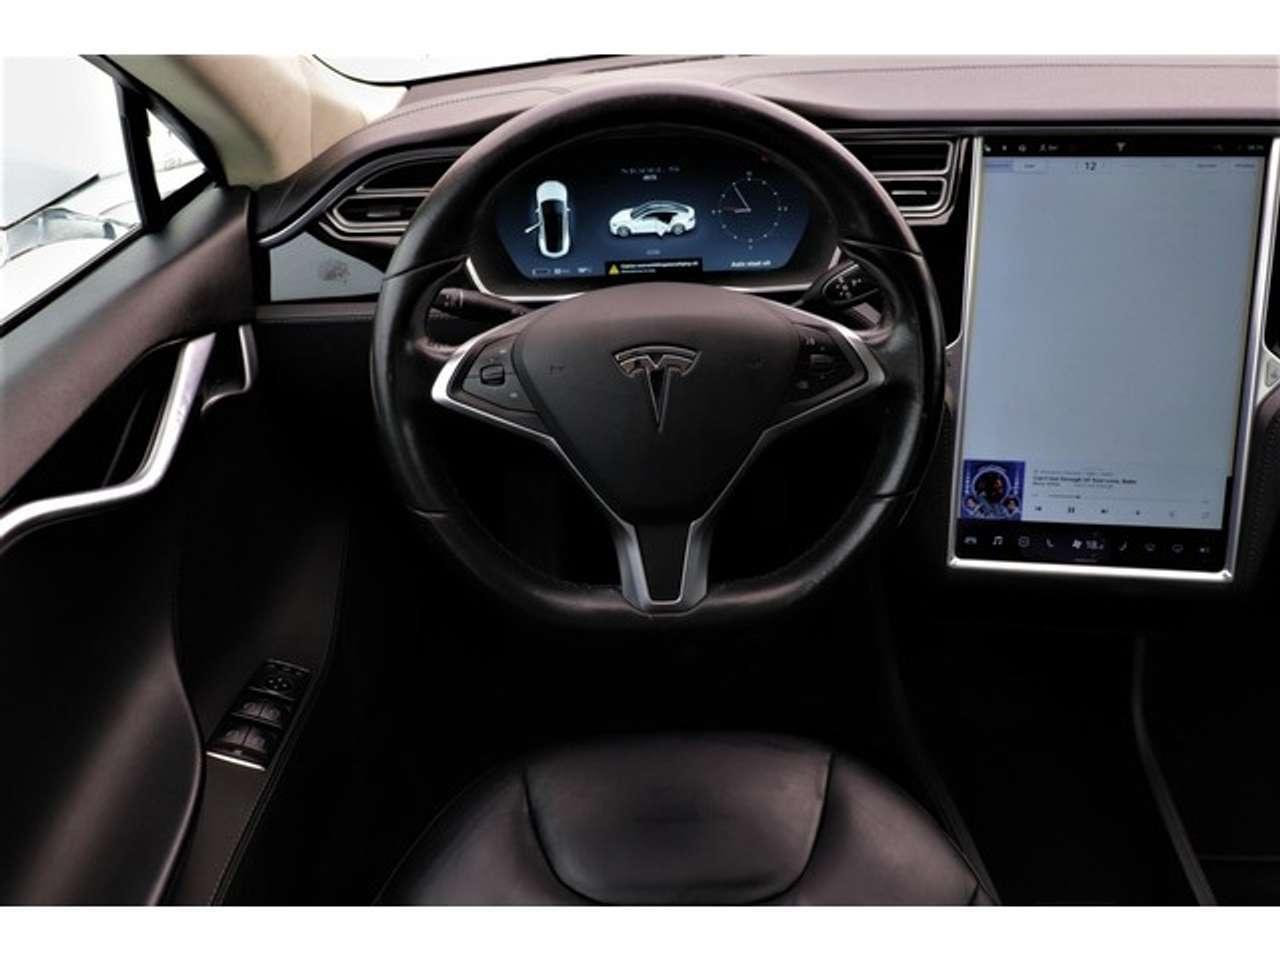 Goedkoopste Tesla interieur zicht bestuurder